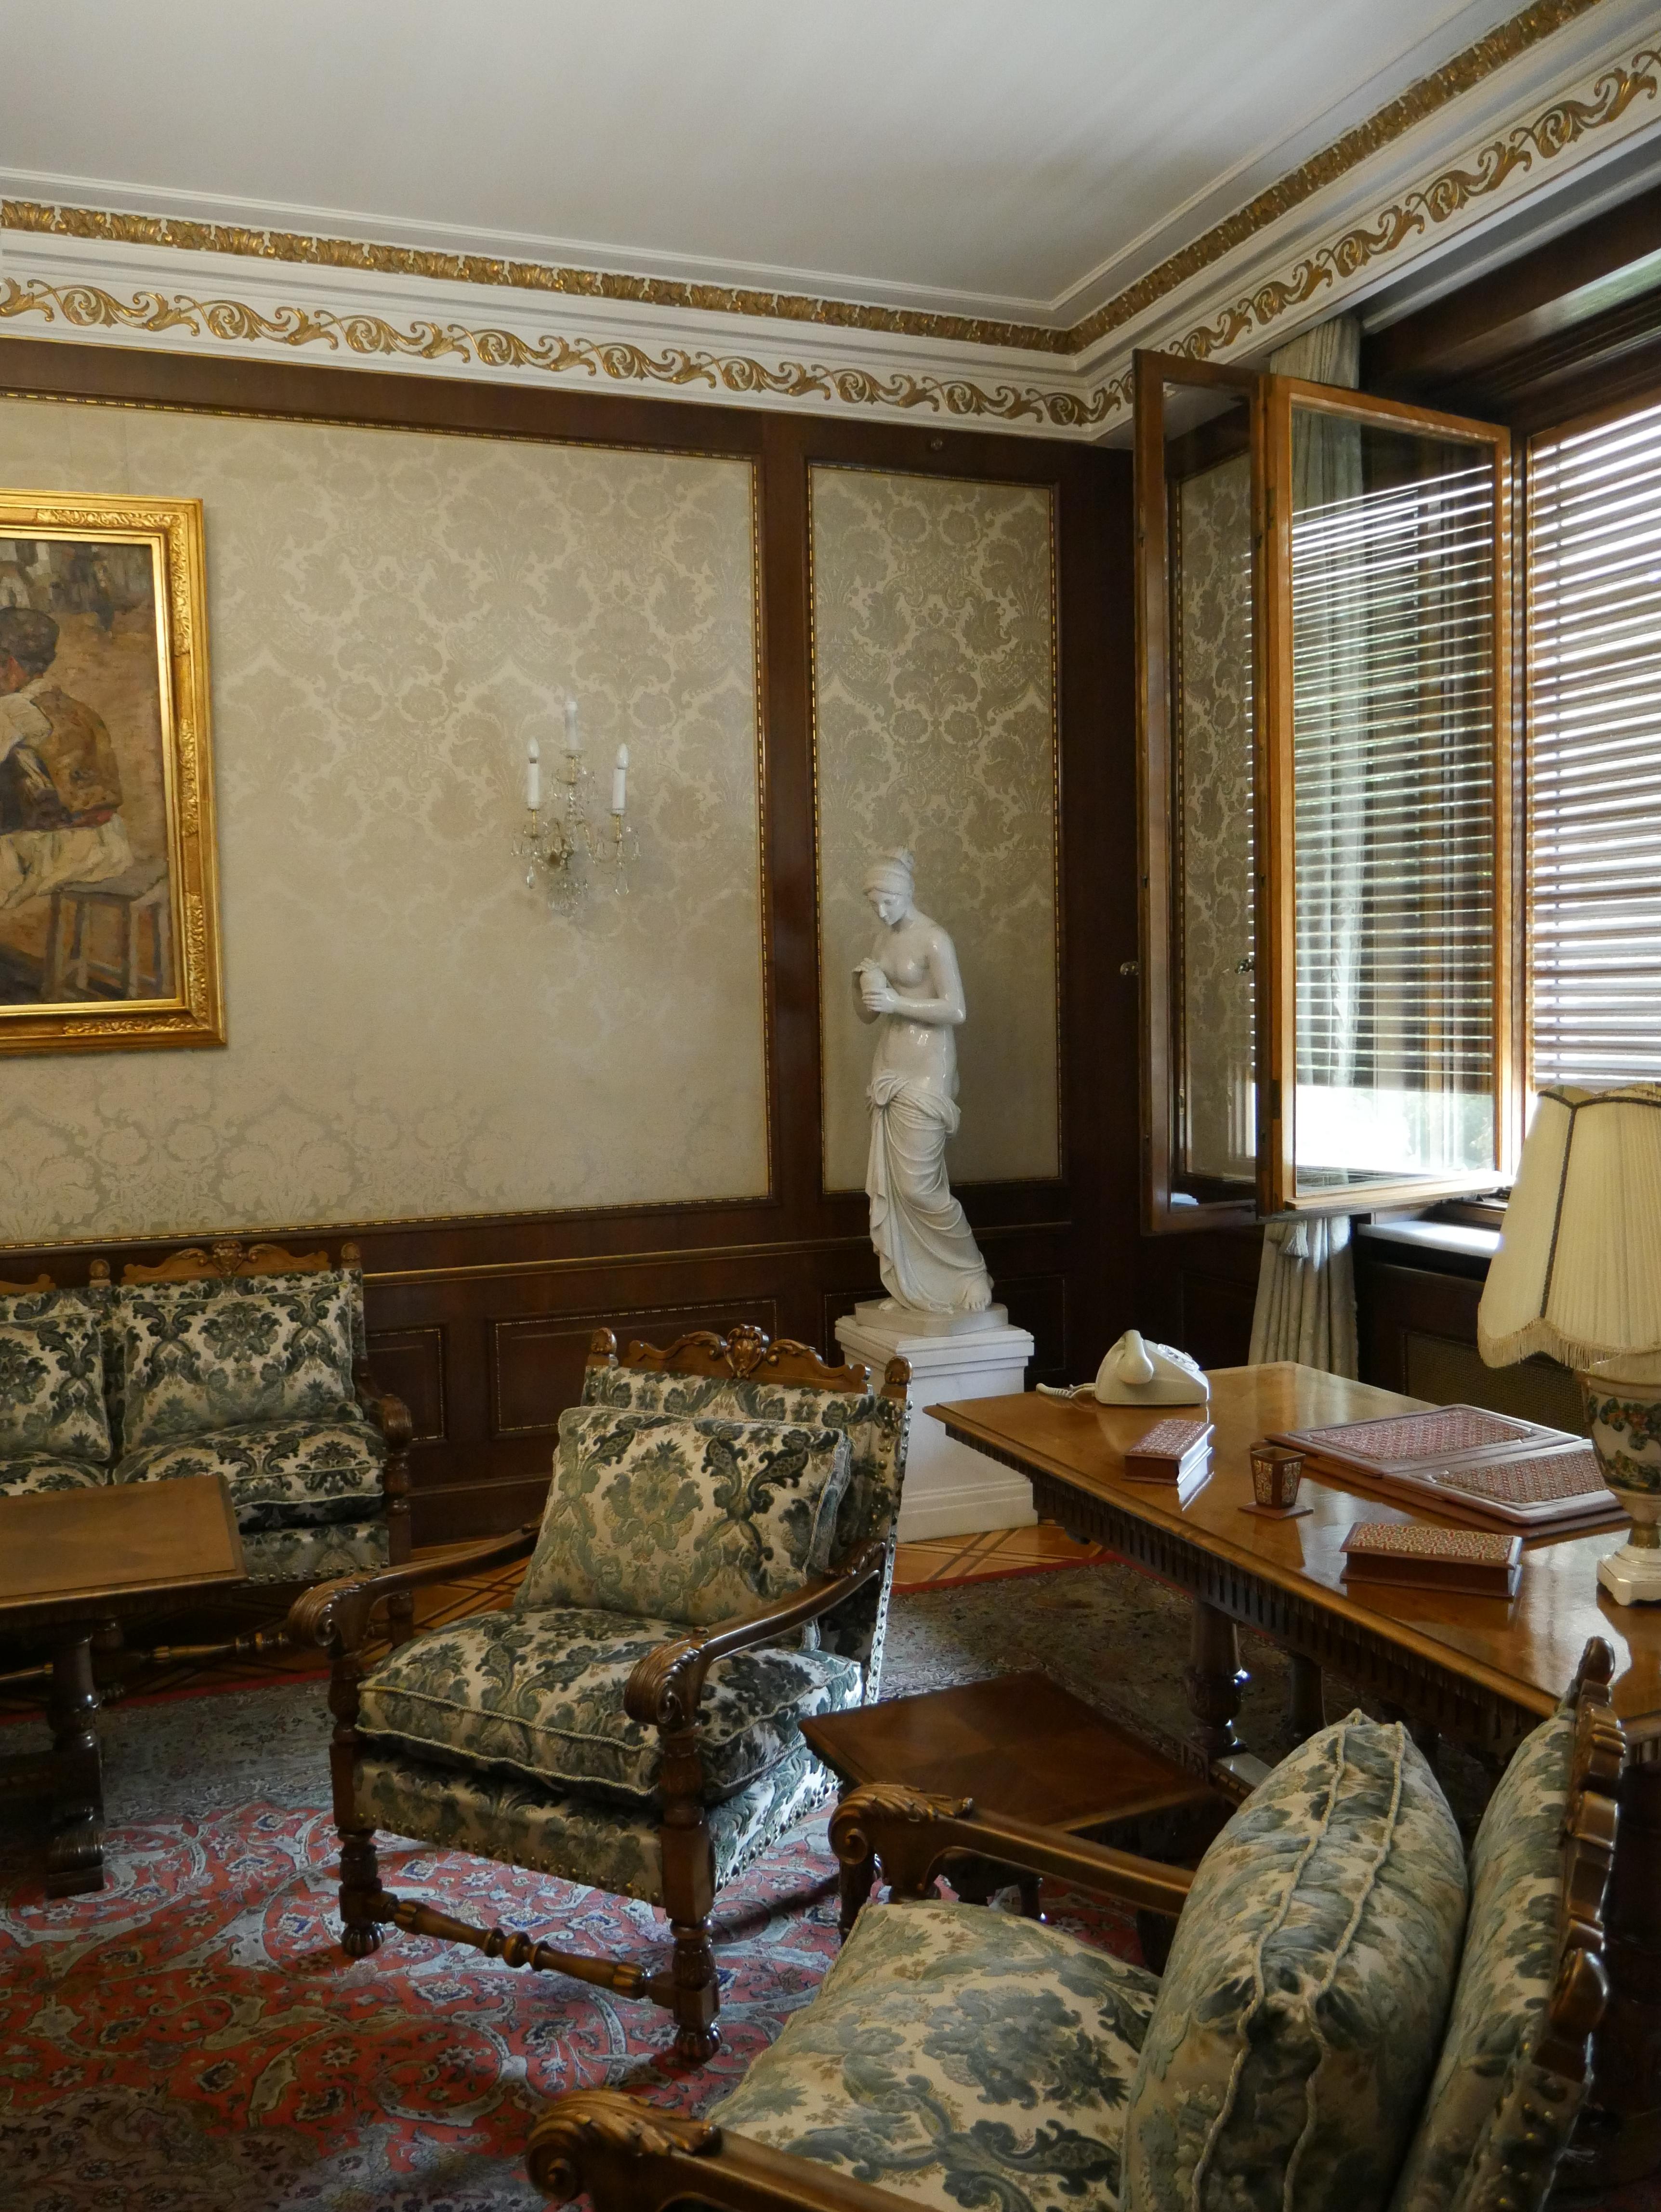 Bucarest - Palais du Printemps - Appartement de Valentin Ceausescu